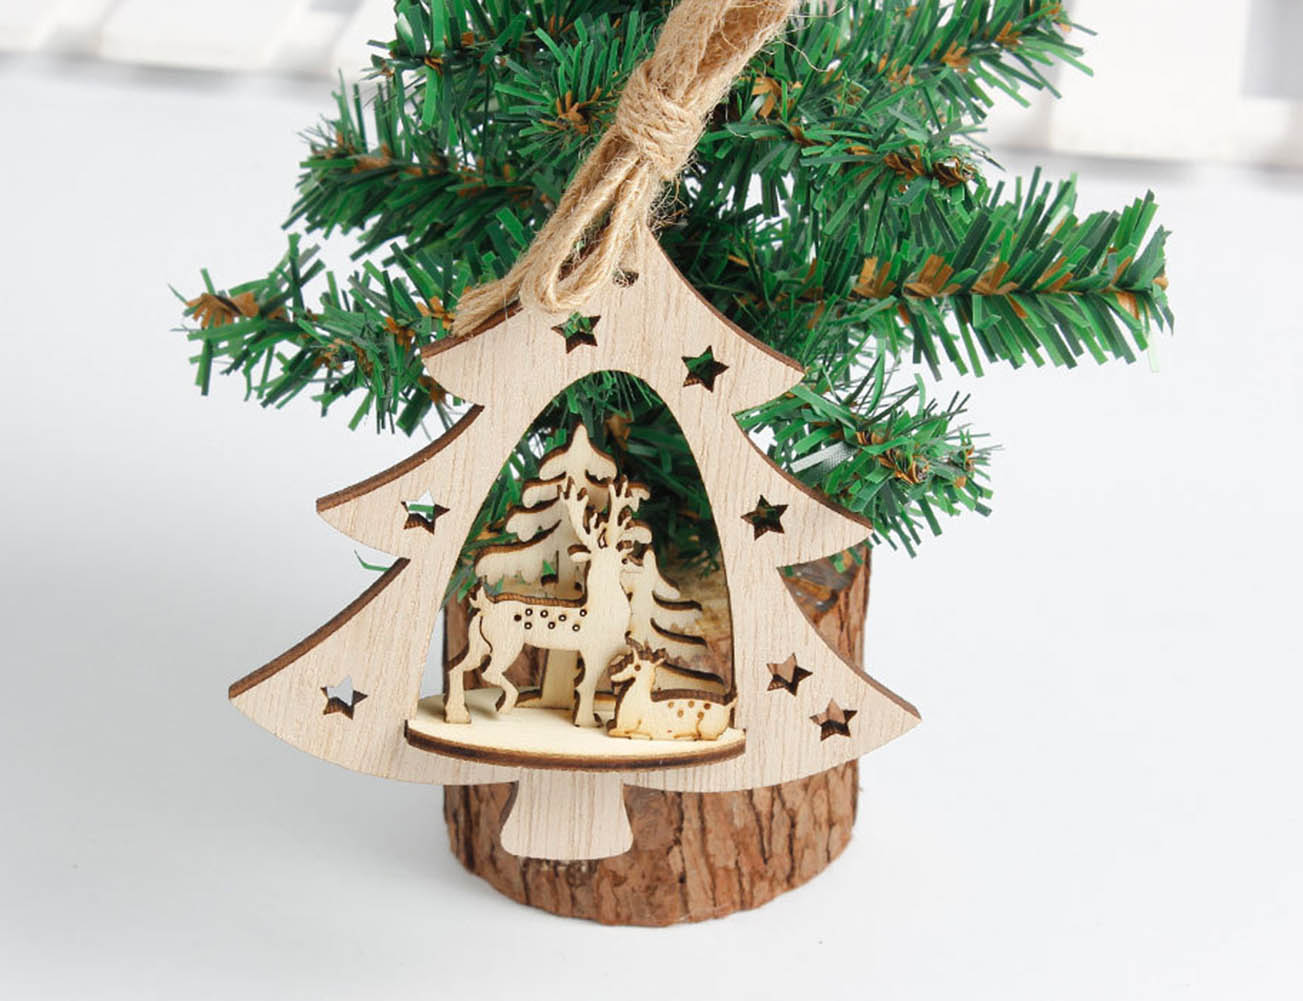 Weihnachtsdekoration Holz Herz Baum Glocke Hängen Dekor Weihnachten  Dreidimensionale Dekoration Für Haus Stereo Weihnachtsbaum Anhänger In ...